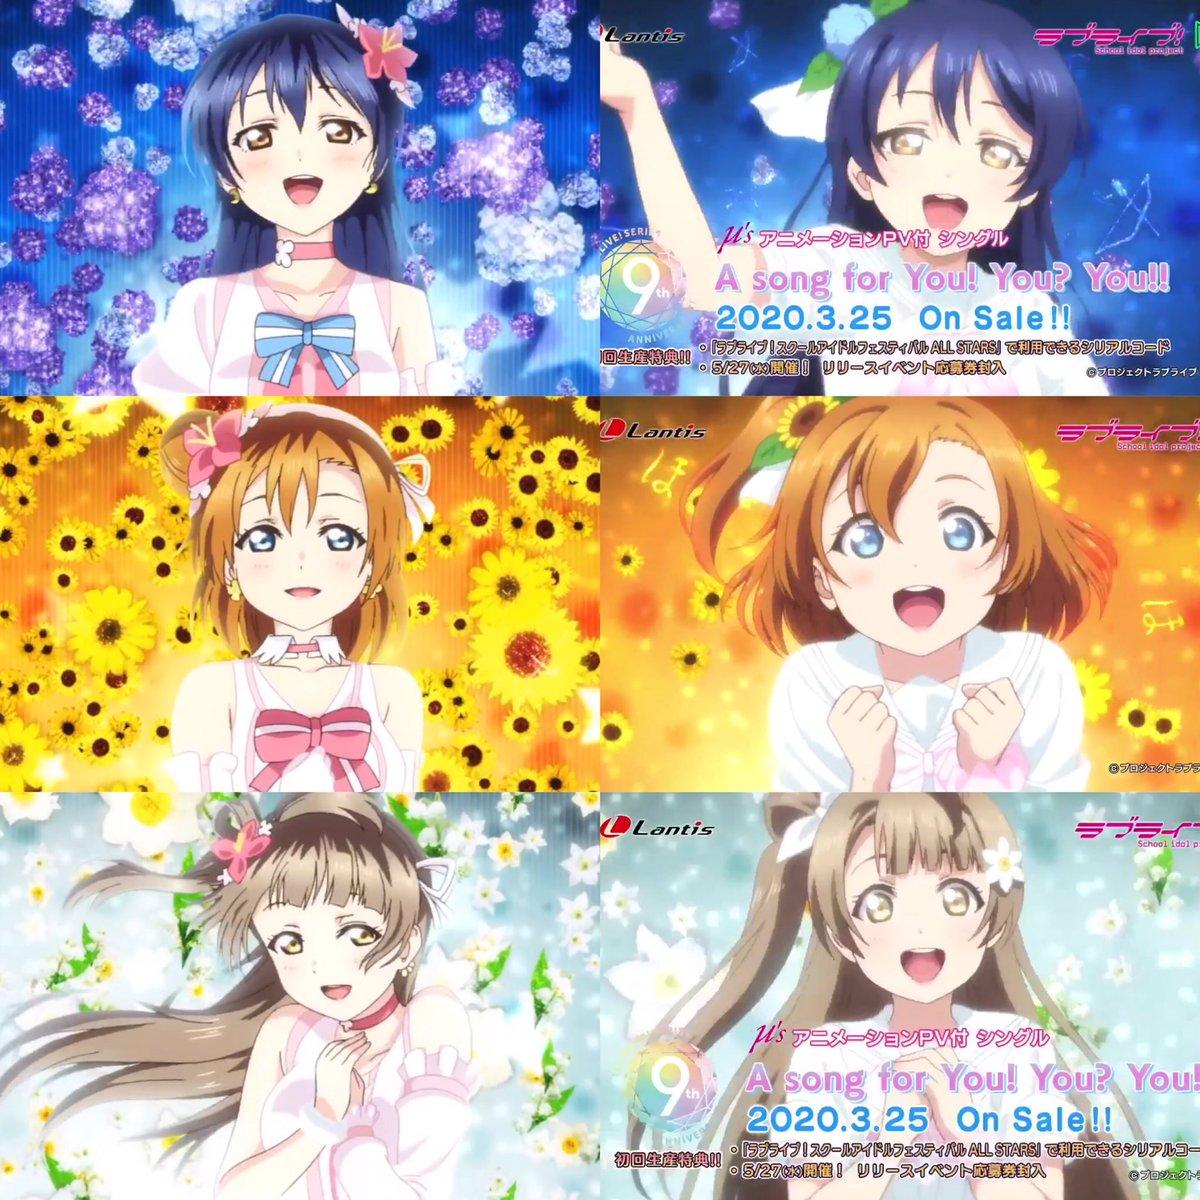 🌟比較画像です🌟 【左】僕たちはひとつの光 【右】A song for You! You? You!! #μs #lovelive